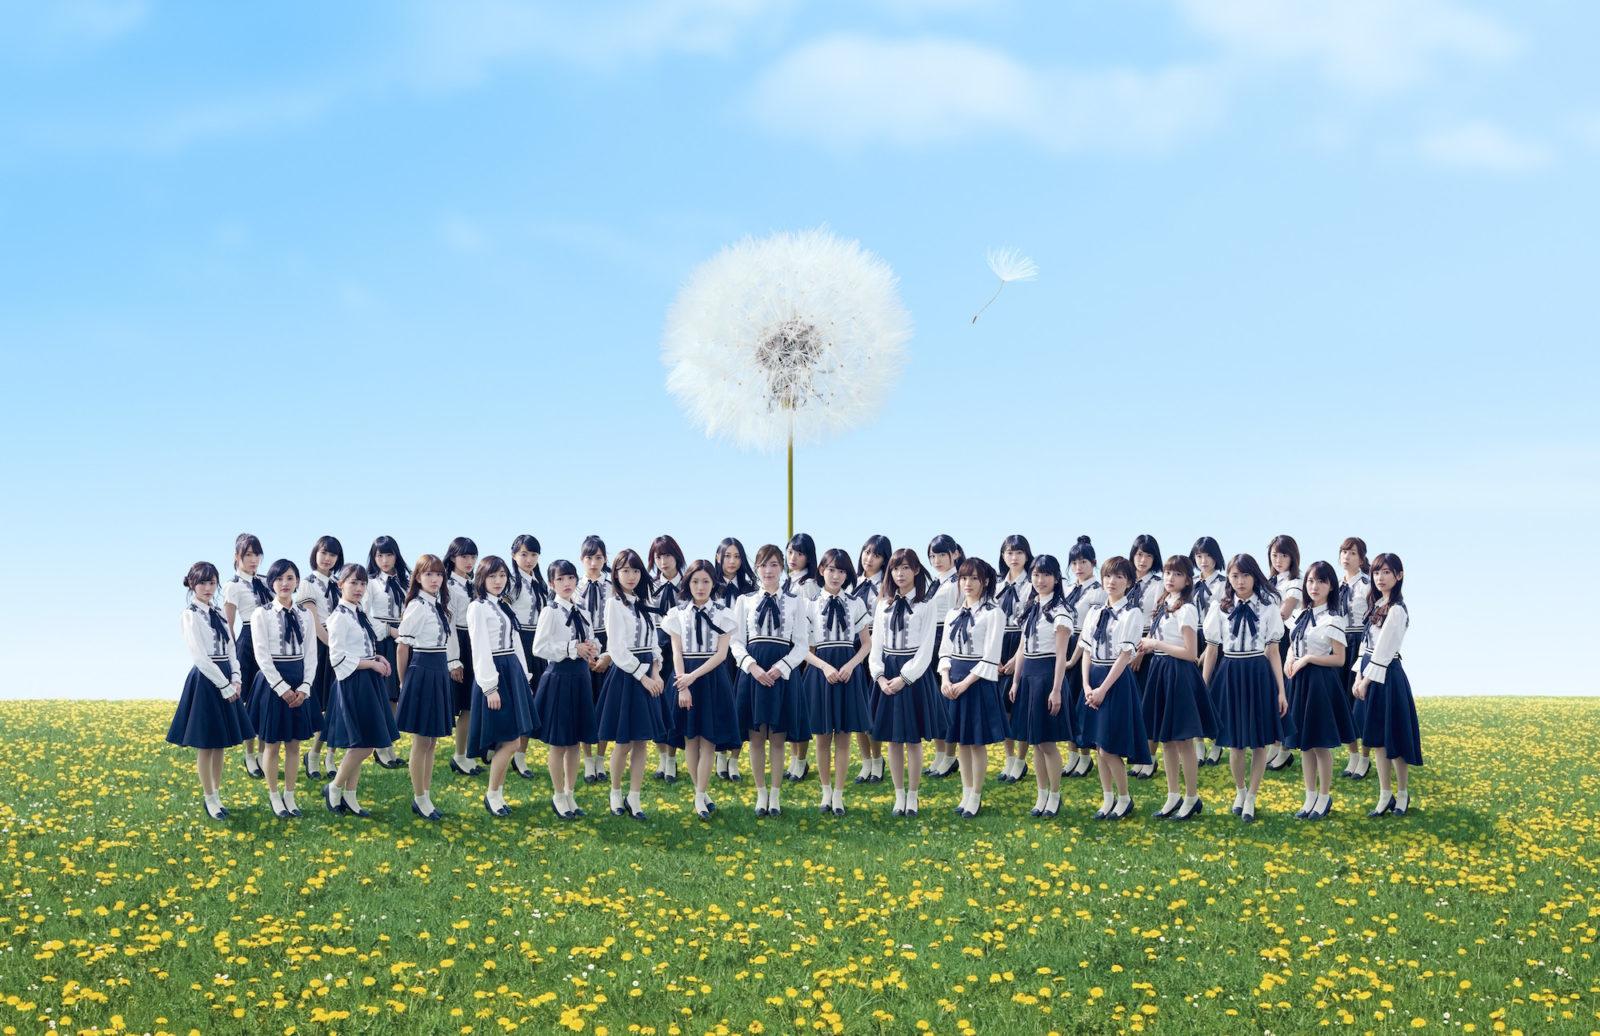 峯岸みなみ、AKB48メンバー事情を暴露?「そんな仲良くないもんね」サムネイル画像